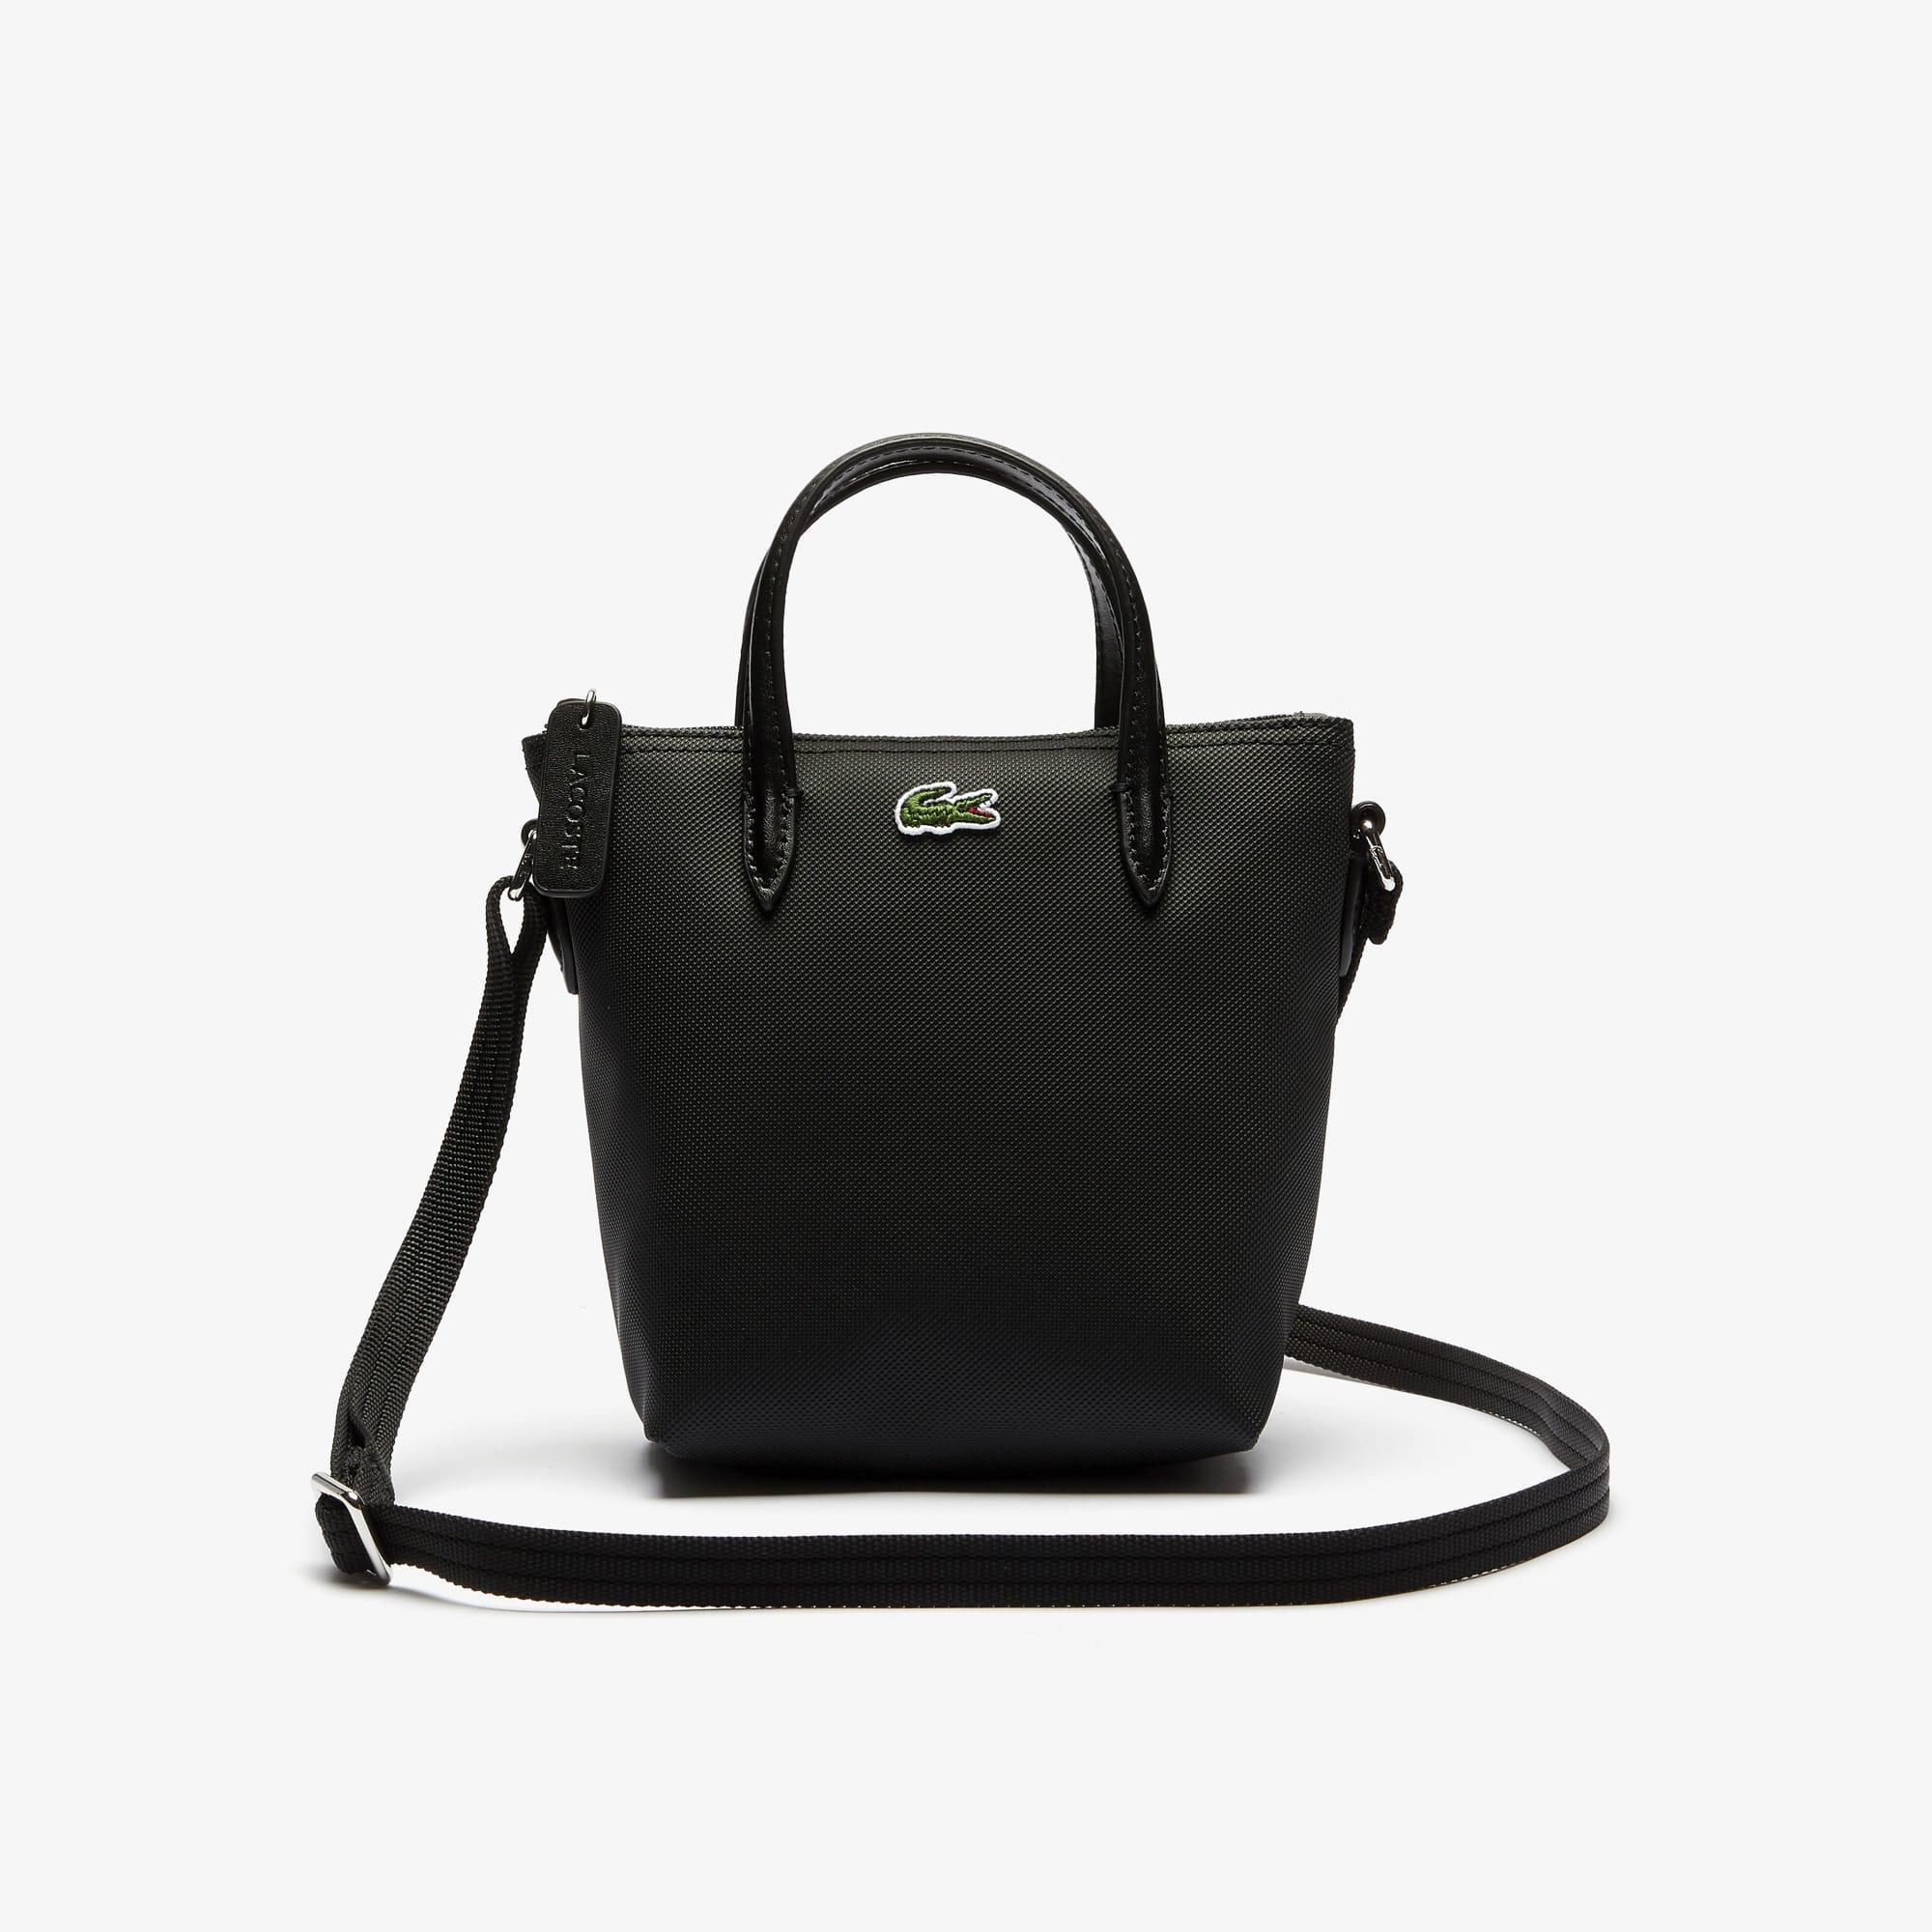 Damen Tote Bag L.12.12 CONCEPT aus Petit Piqué